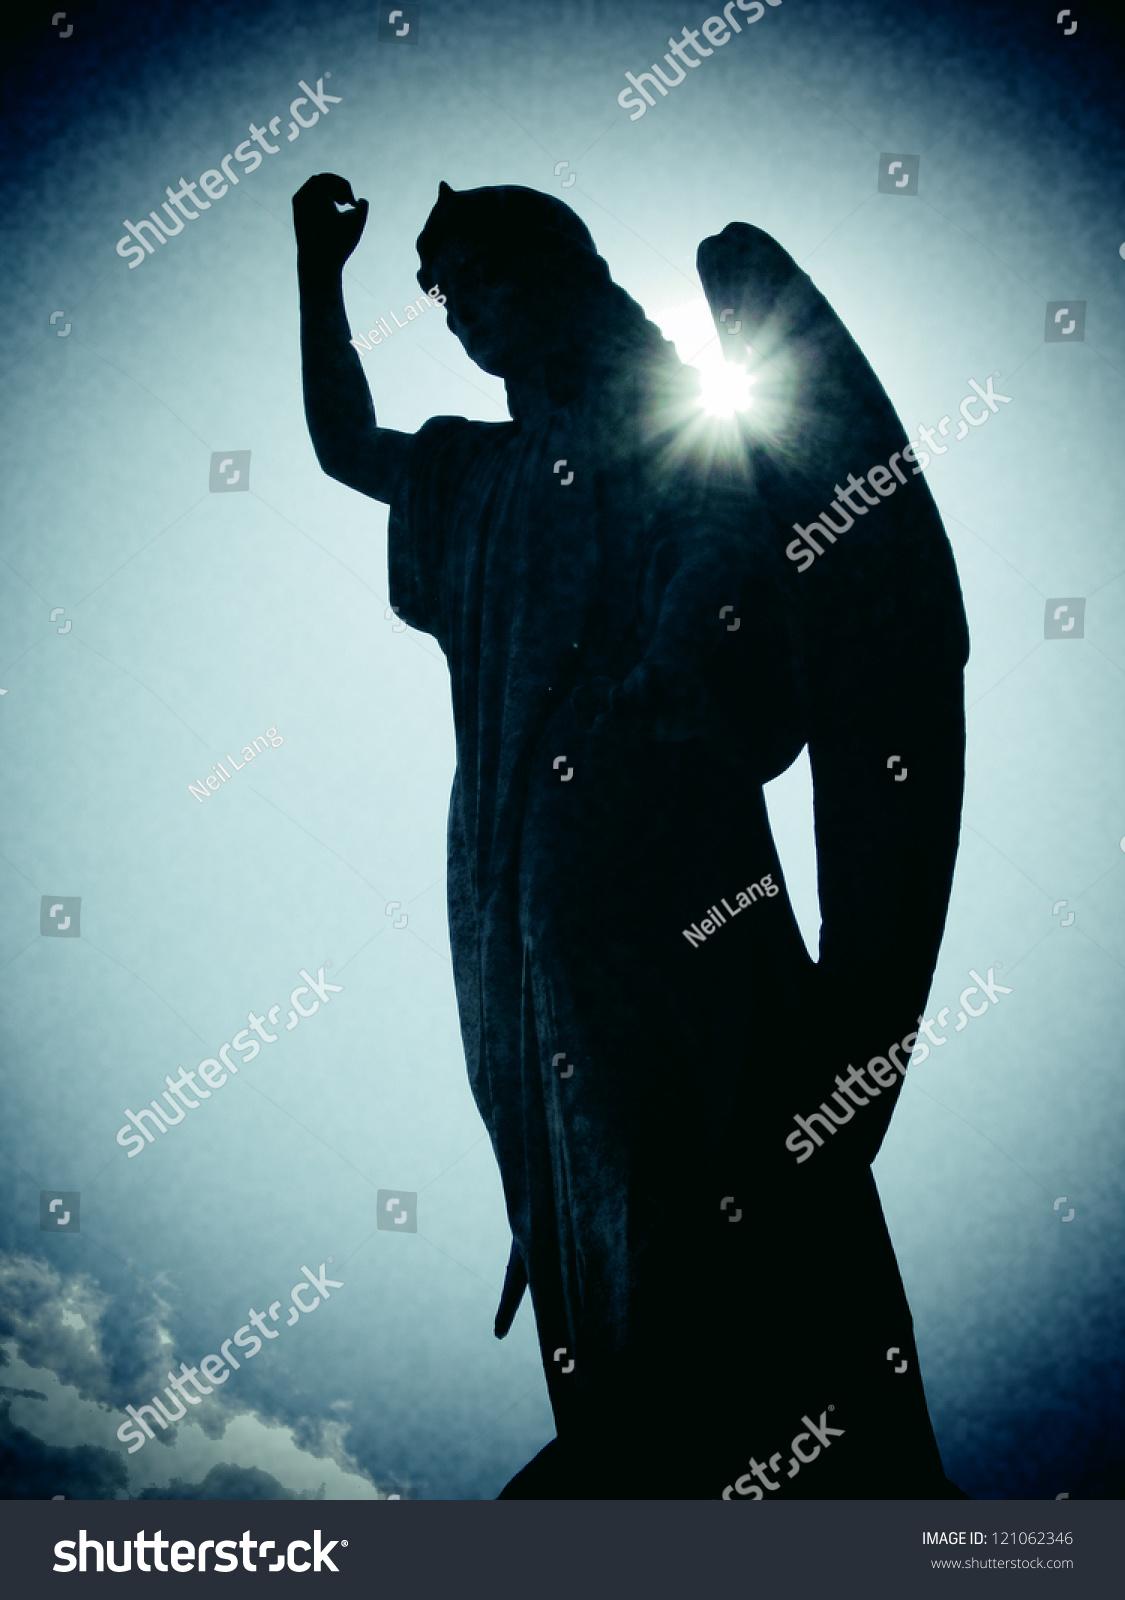 Angelfist angel fist raised stock photo (edit now) 121062346